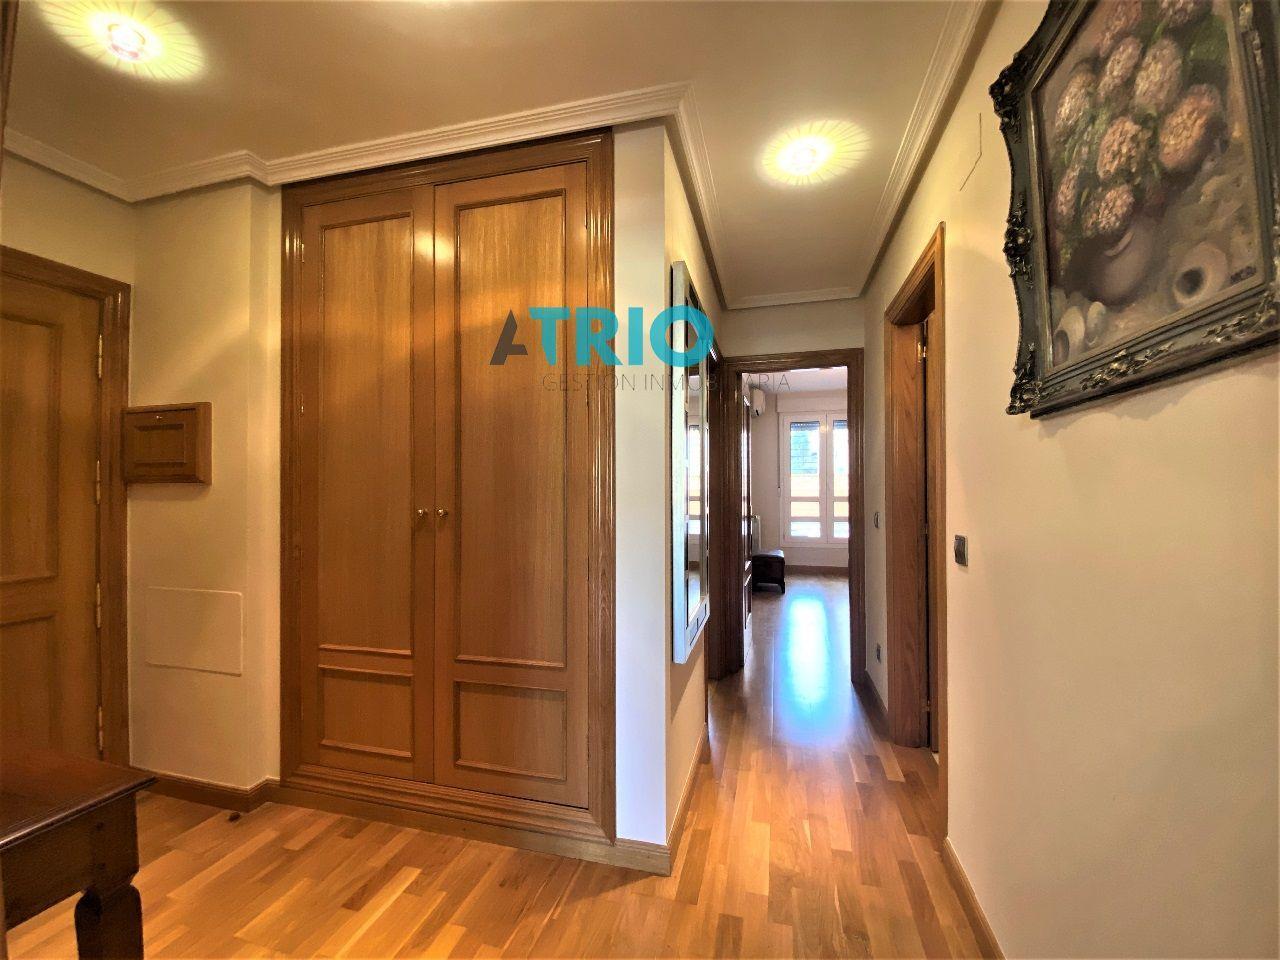 dia.mobiliagestion.es/Portals/inmoatrio/Images/6446/4132093